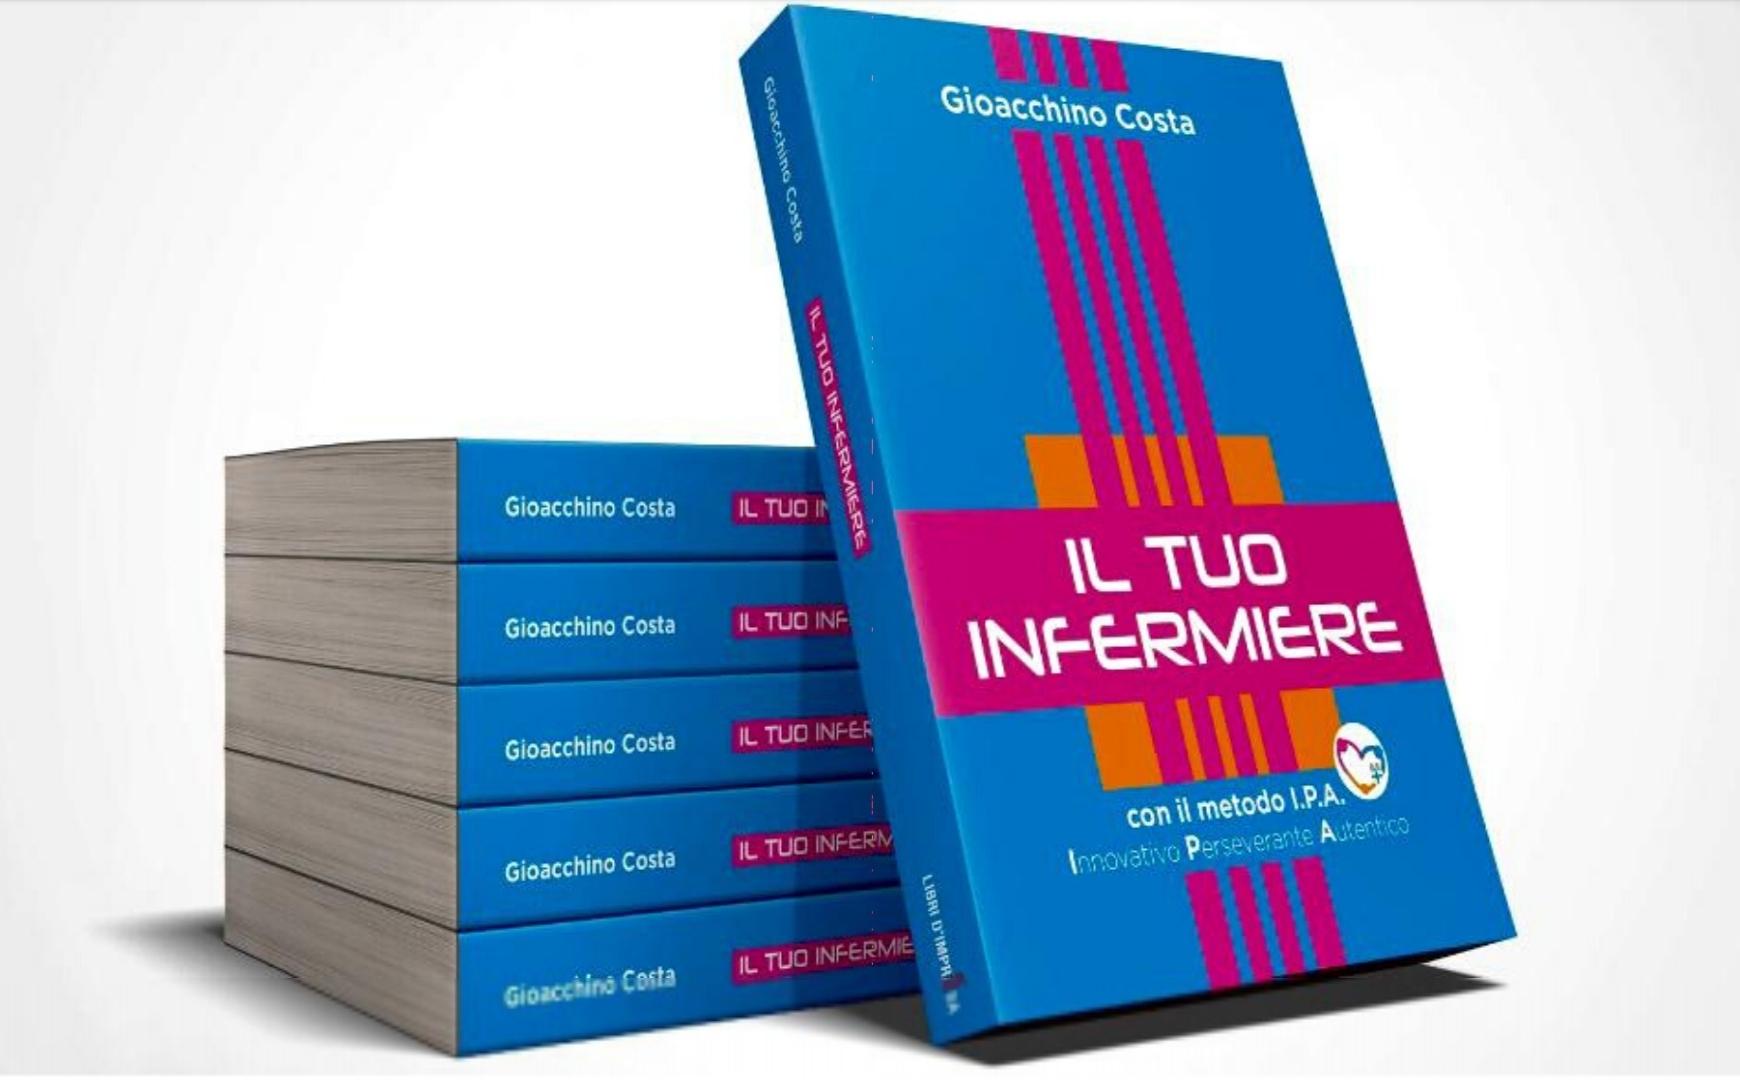 Solo oggi Gratis volume sull'Infermierisca di nuova generazione. Ecco metodo IPA.